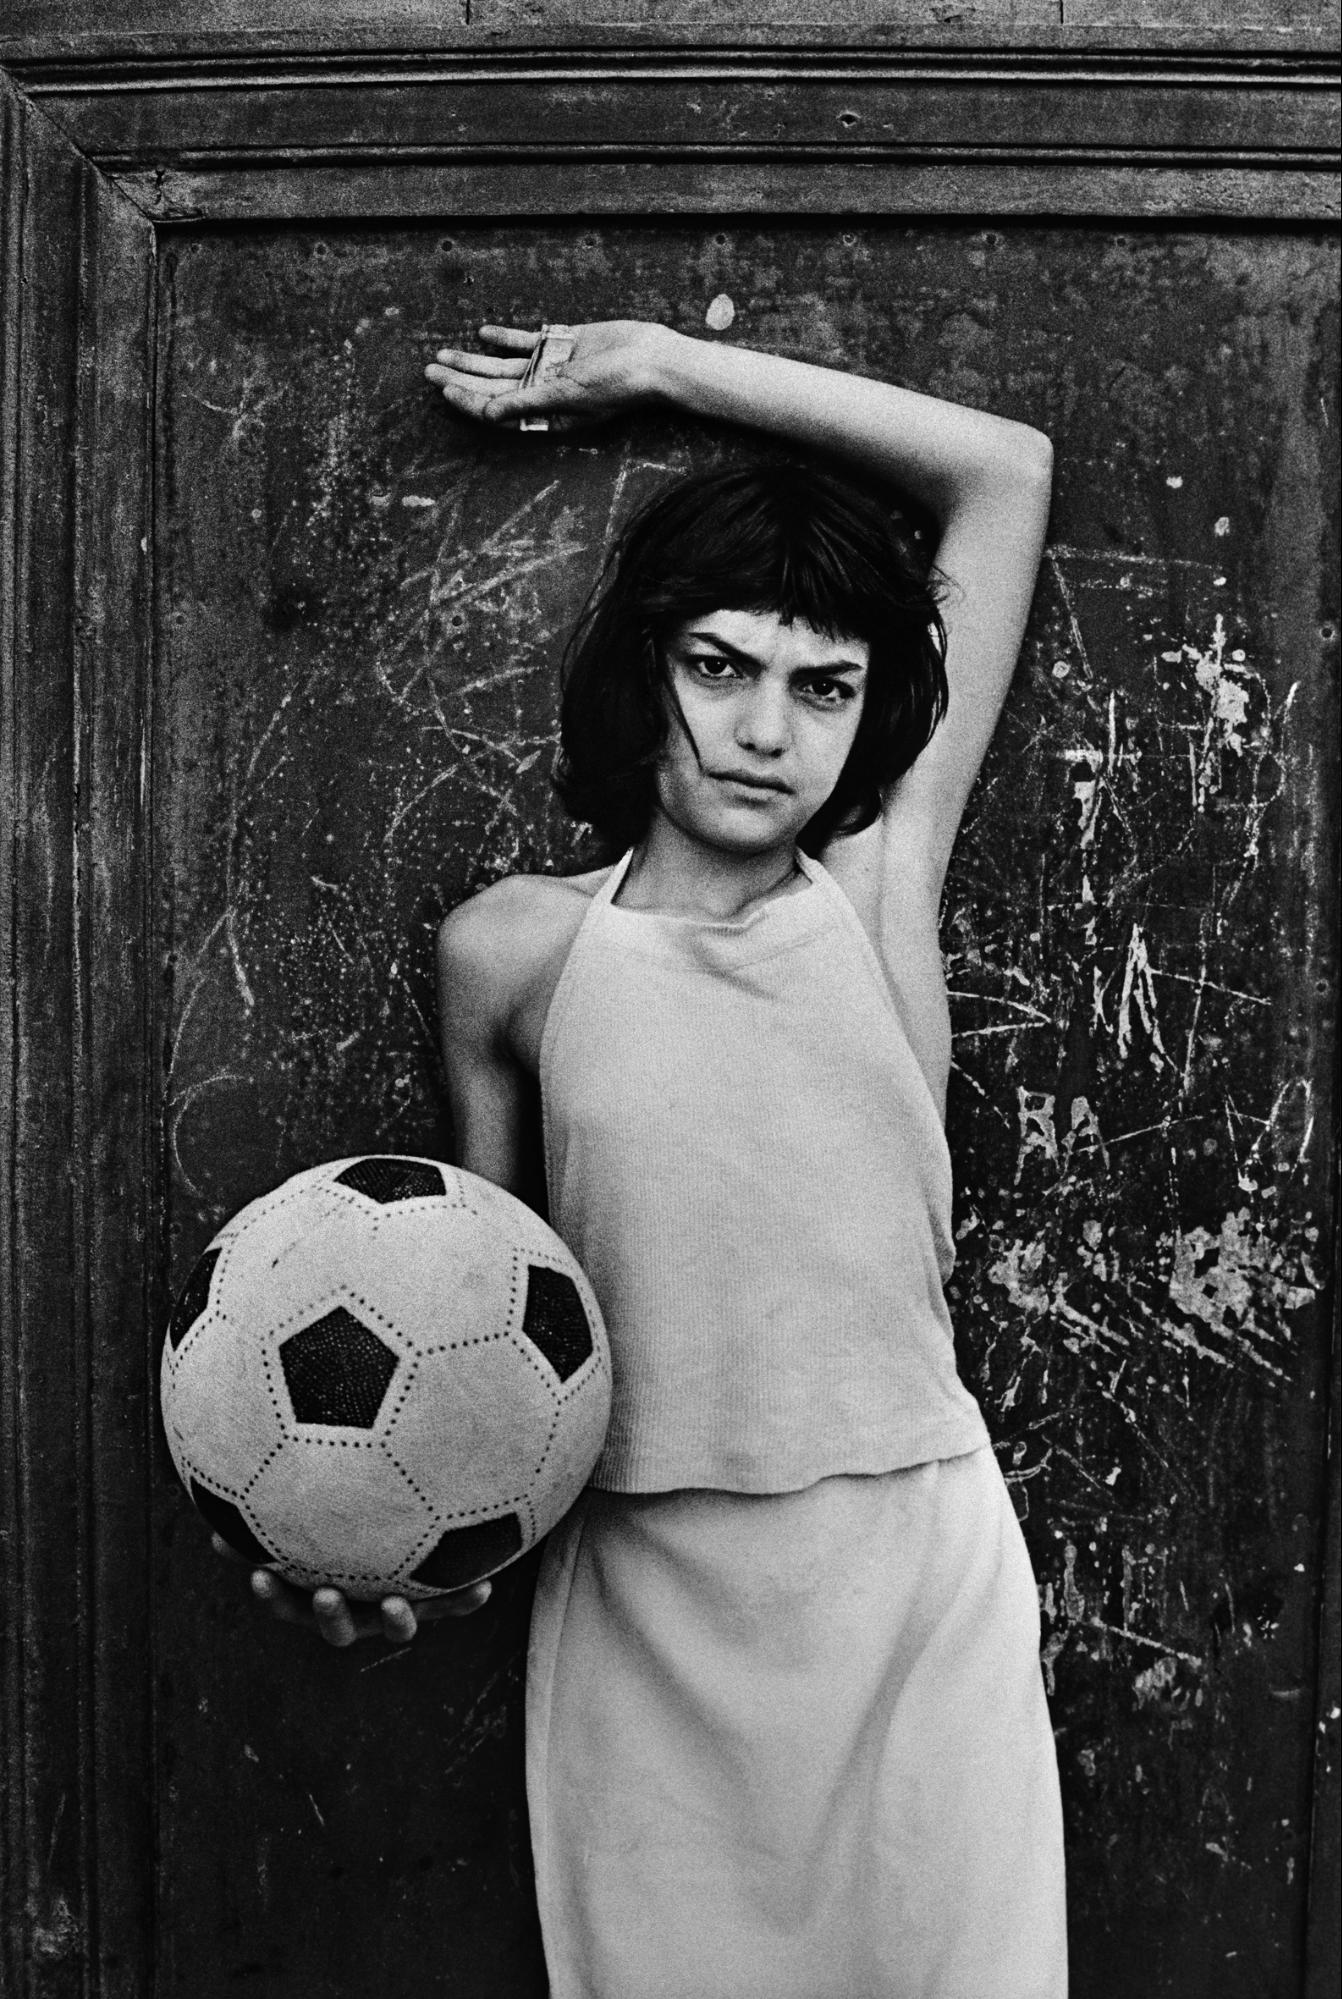 La Cala, Palermo 1980 © Letizia Battaglia Legendary Women in Photography